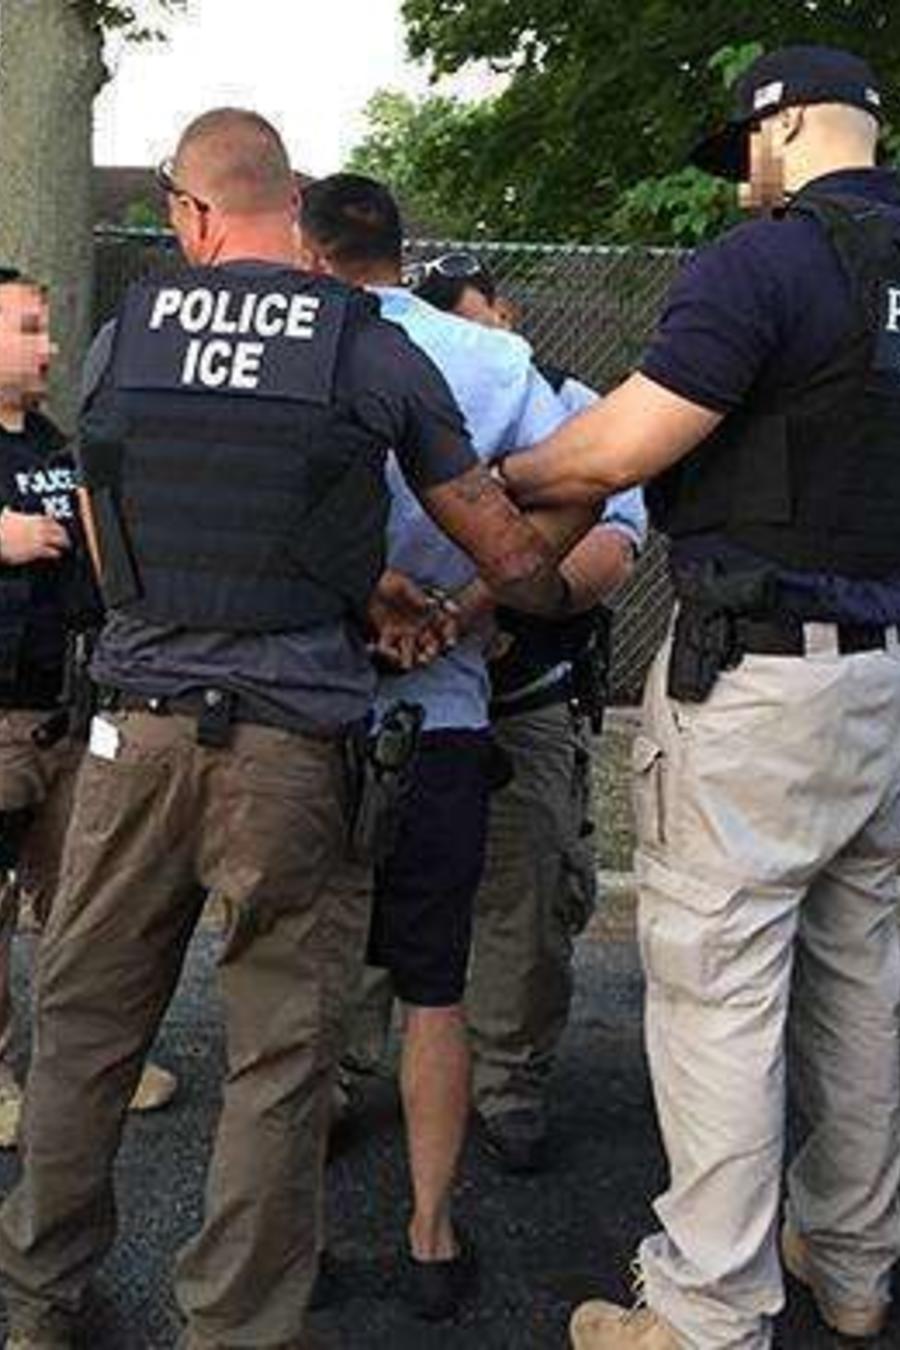 La oficina de ICE en Atlanta rompe los records nacionales de detenciones